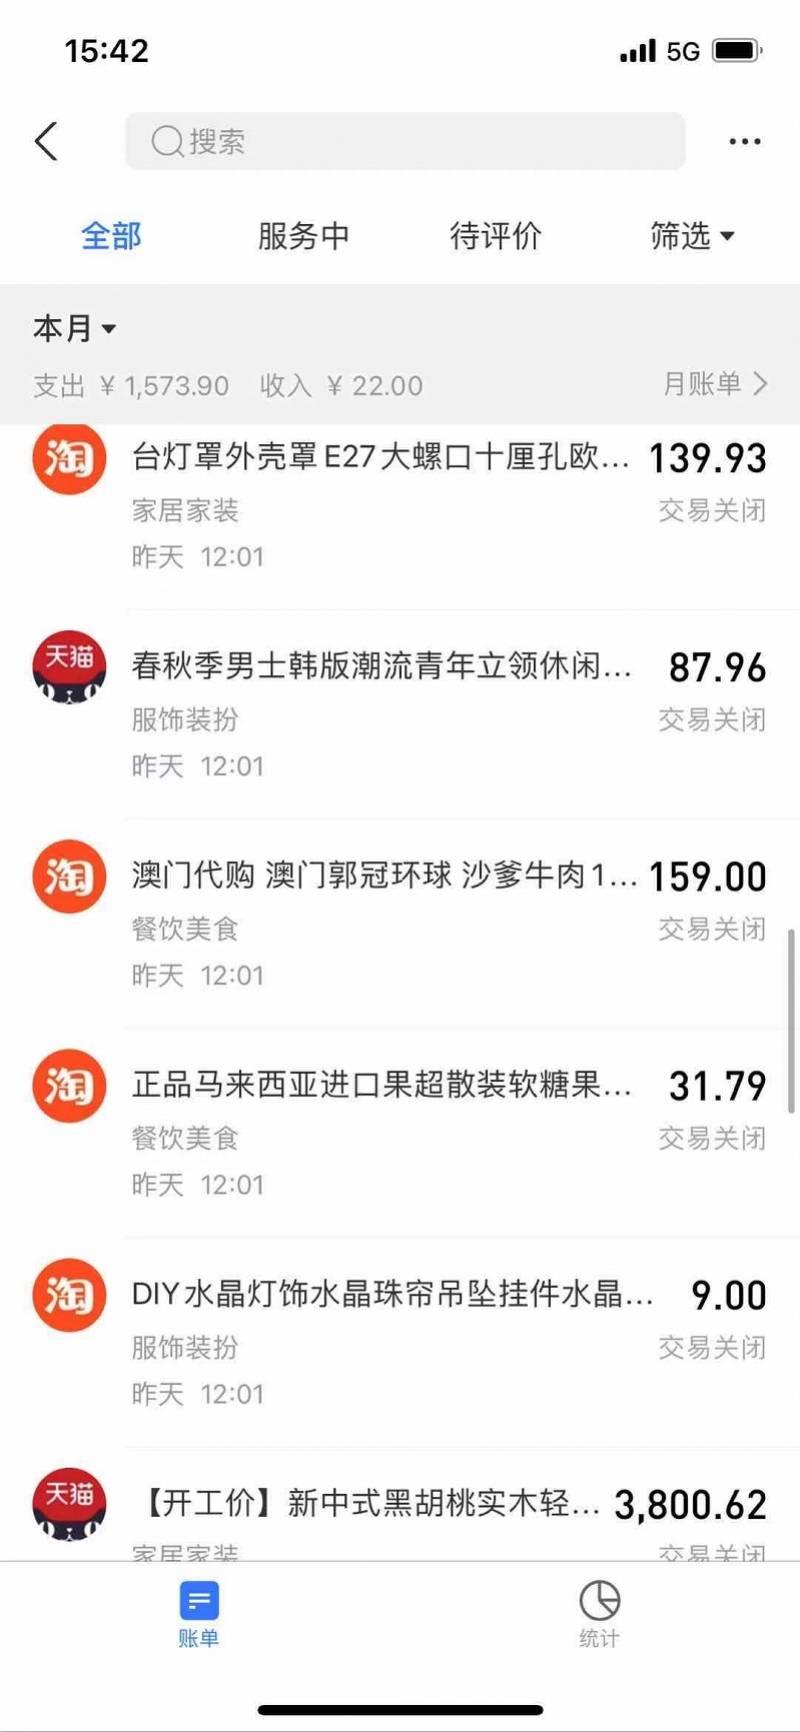 """深圳梦娃网上购物糖果""""空""""父母购物车,订单总额超过5万元"""